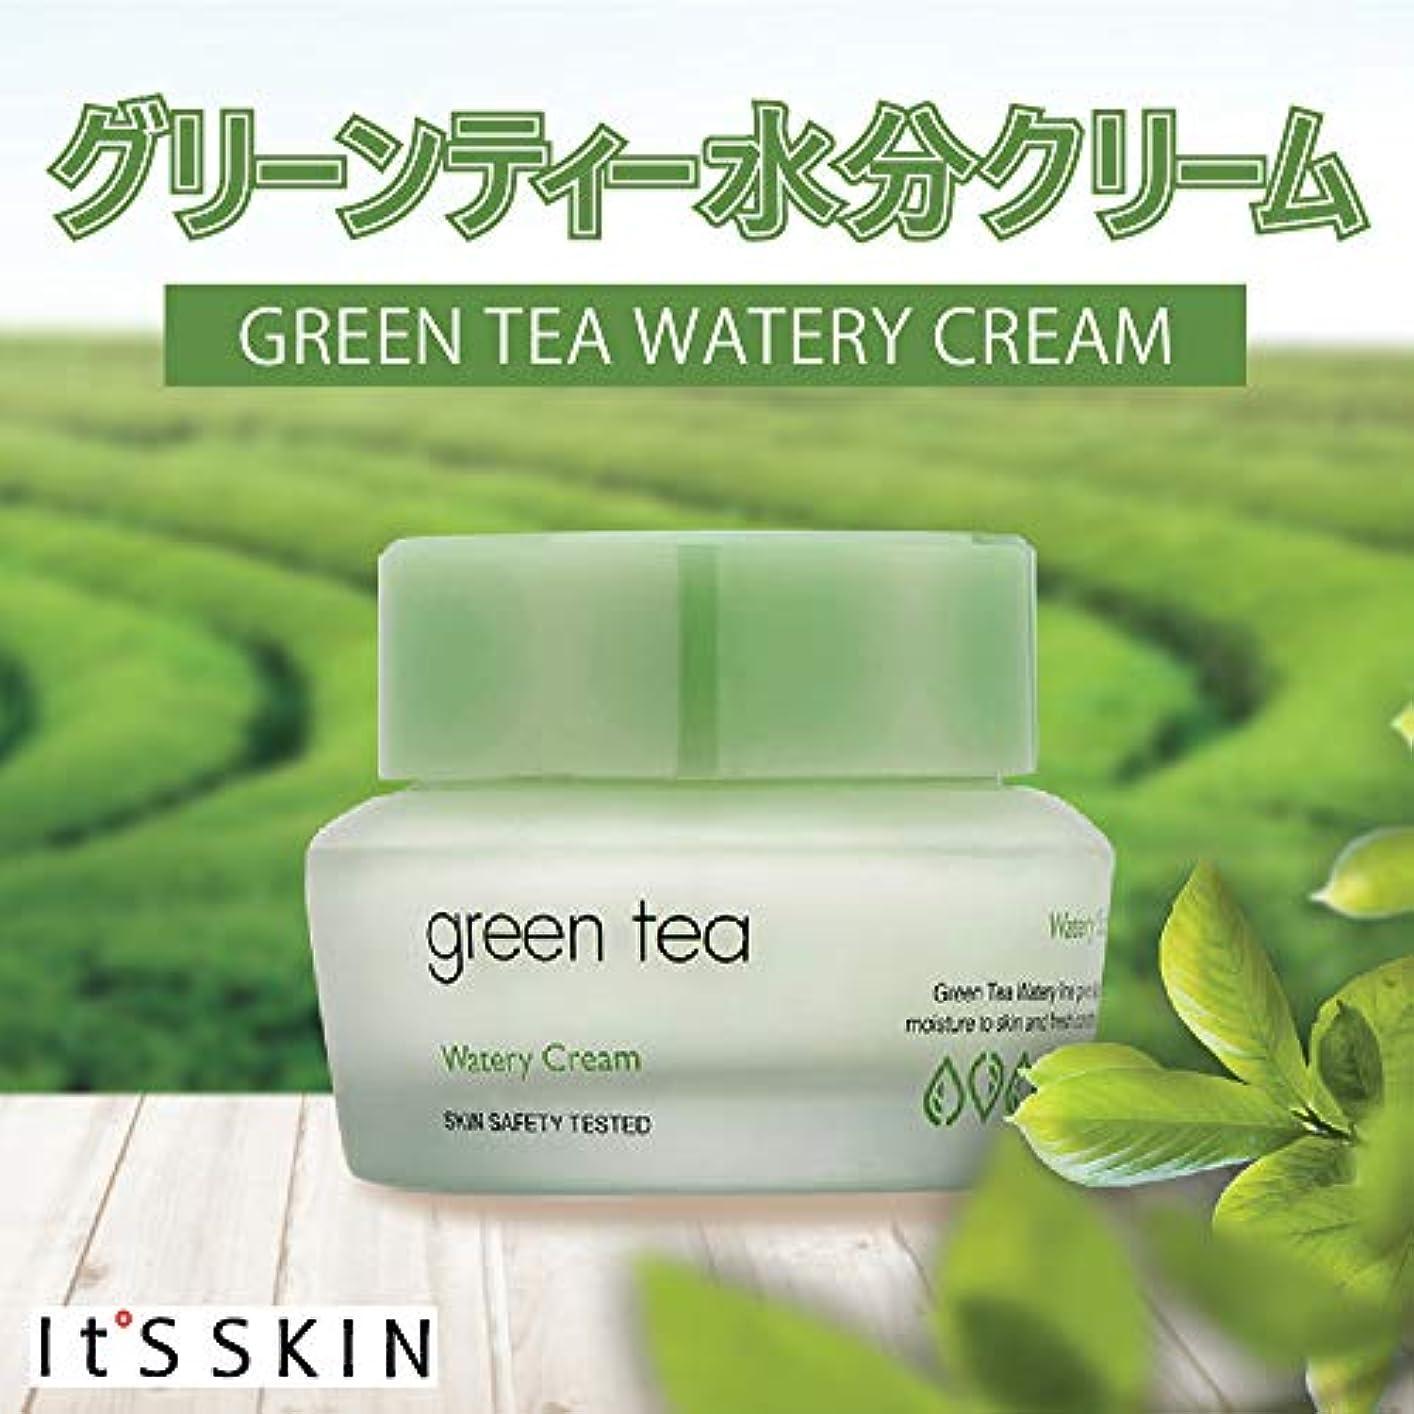 付けるコーラス拍手It's SKIN イッツスキン グリーン ティー ウォーターリー クリーム Green Tea Watery Cream 50g 【 水分 クリーム しっとり 保湿 キメ 韓国コスメ 】